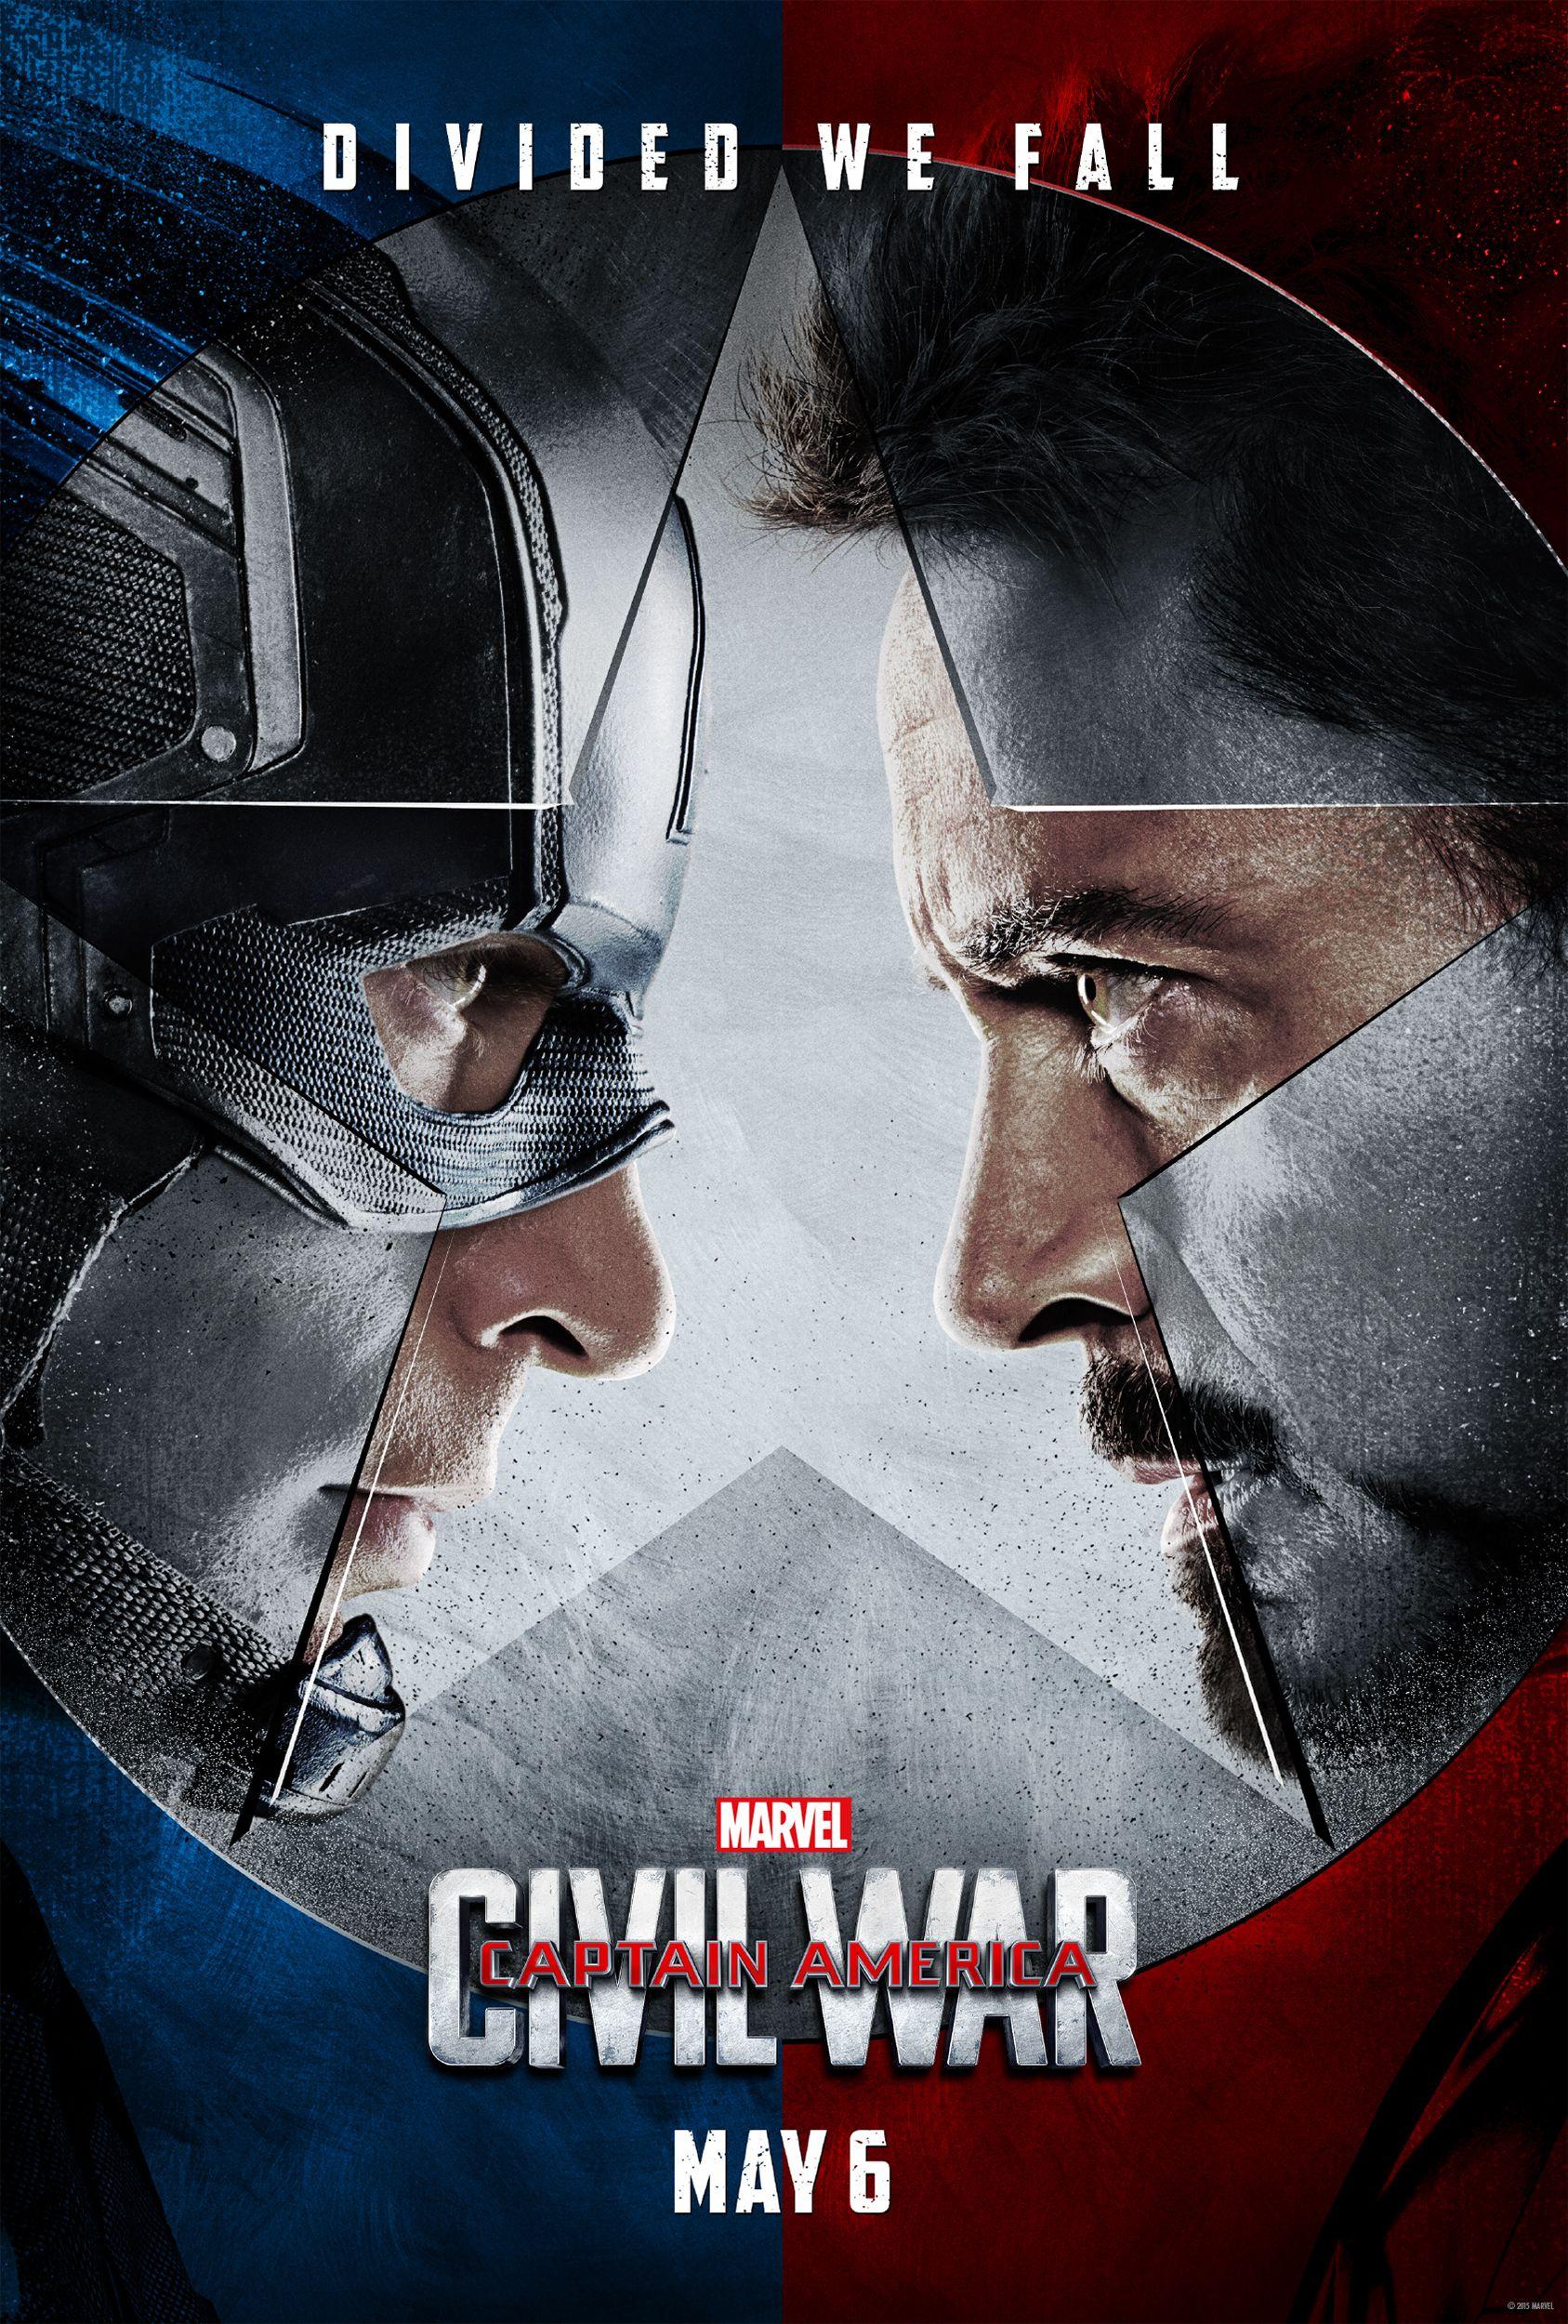 http://cdn.collider.com/wp-content/uploads/2015/11/captain-america-civil-war-poster1.jpg